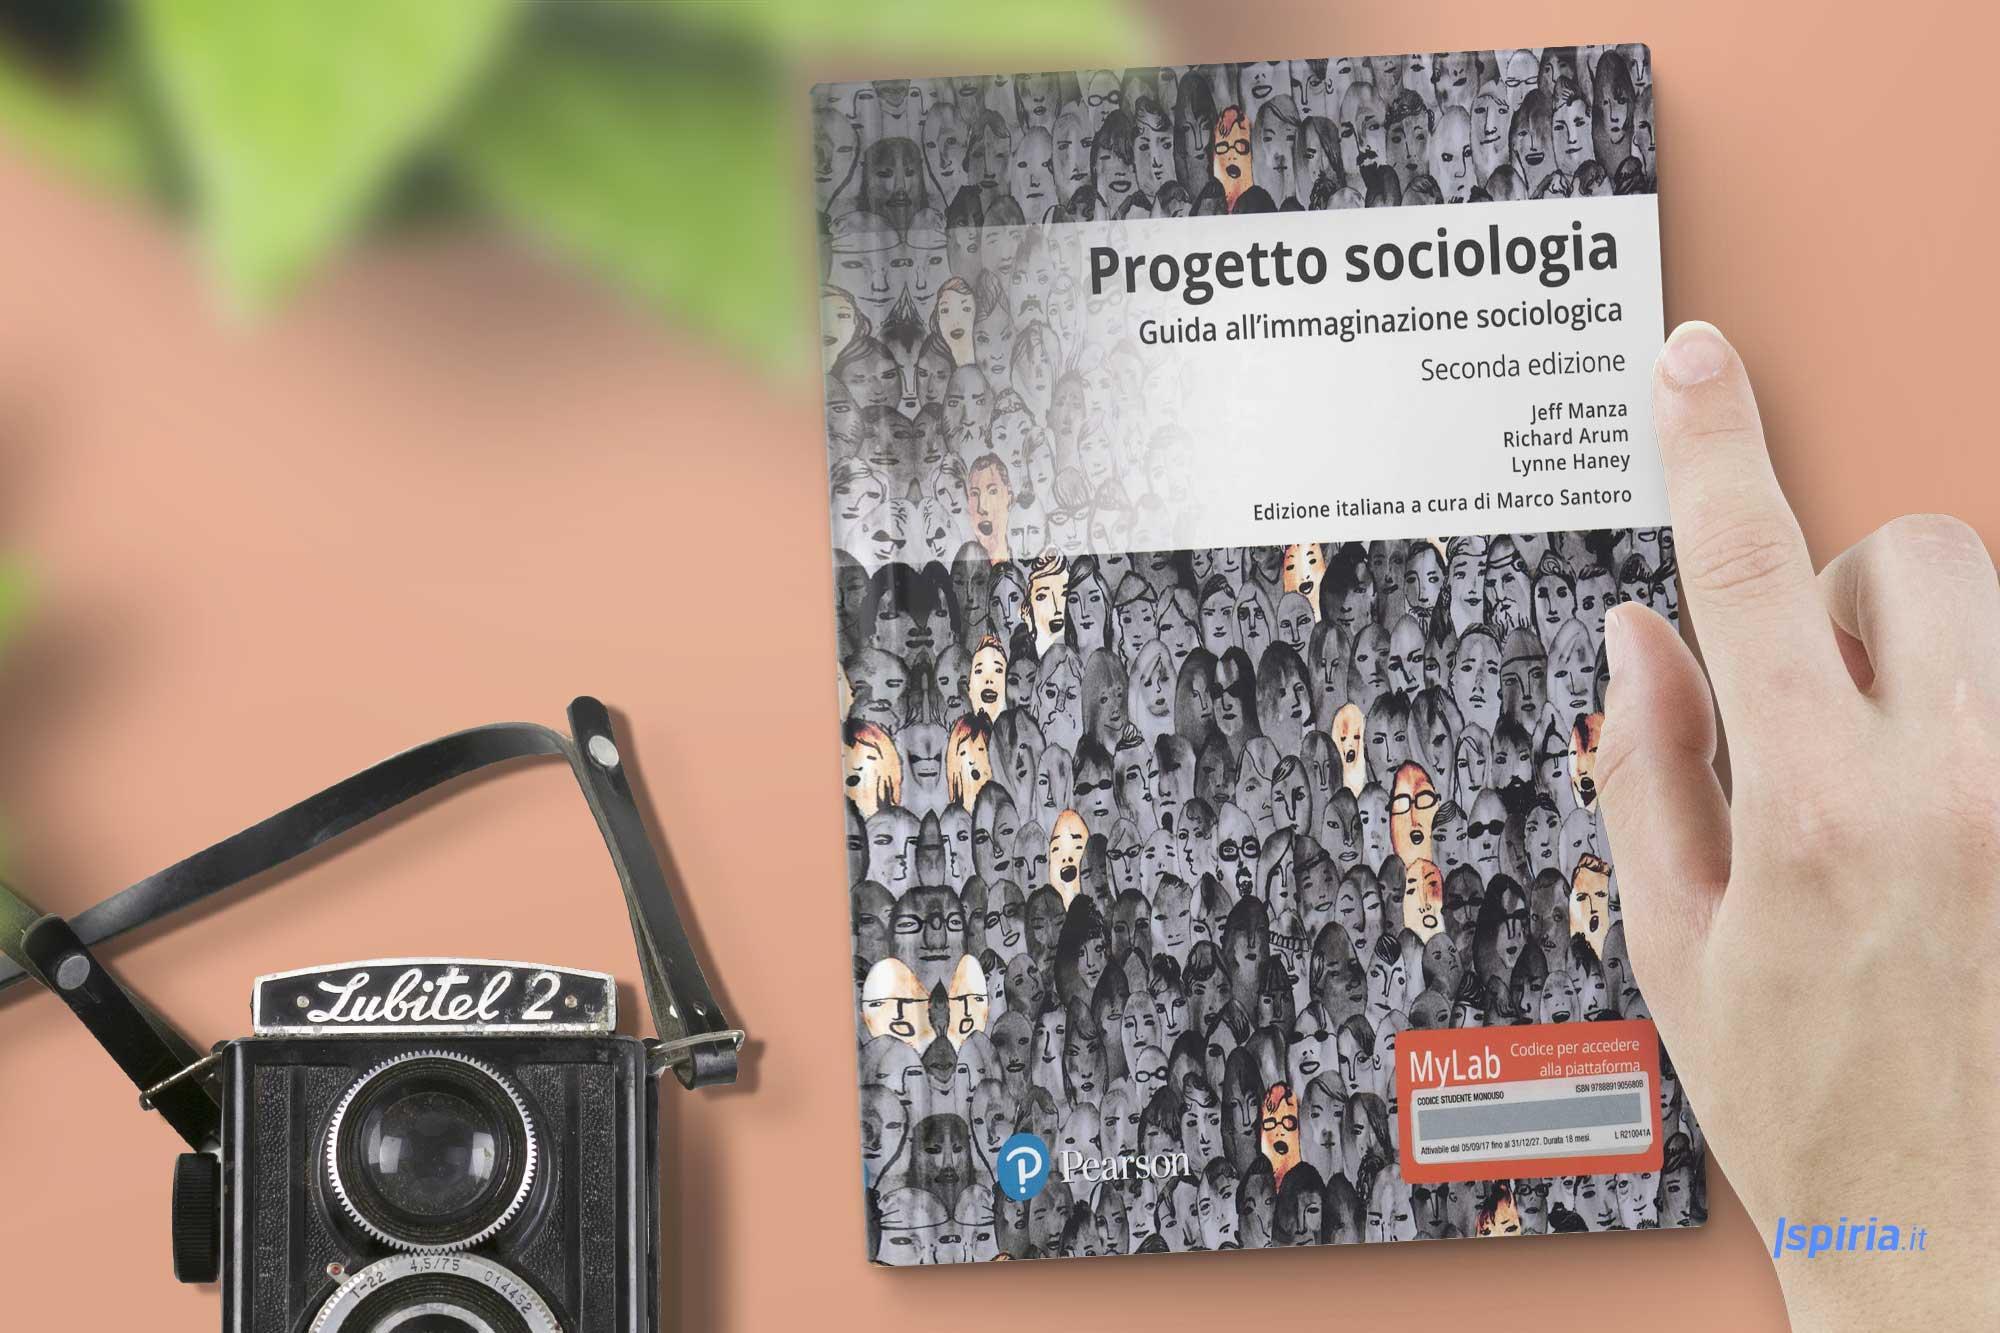 Libro-di-sociologia-migliore